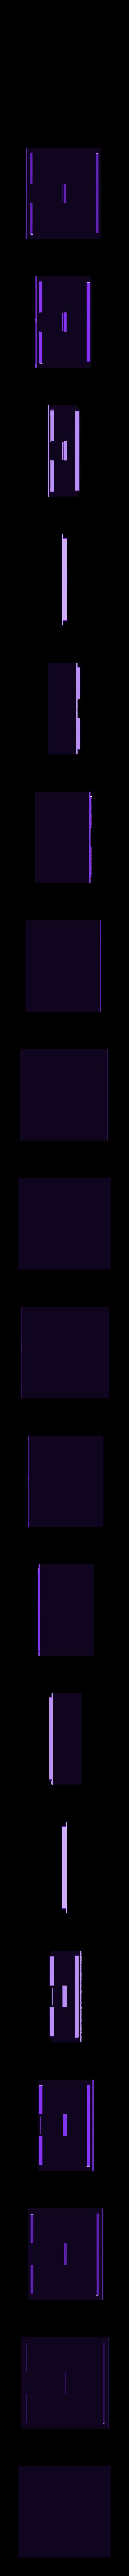 13effdc5 3fdb 4191 b09c e60b92d92526